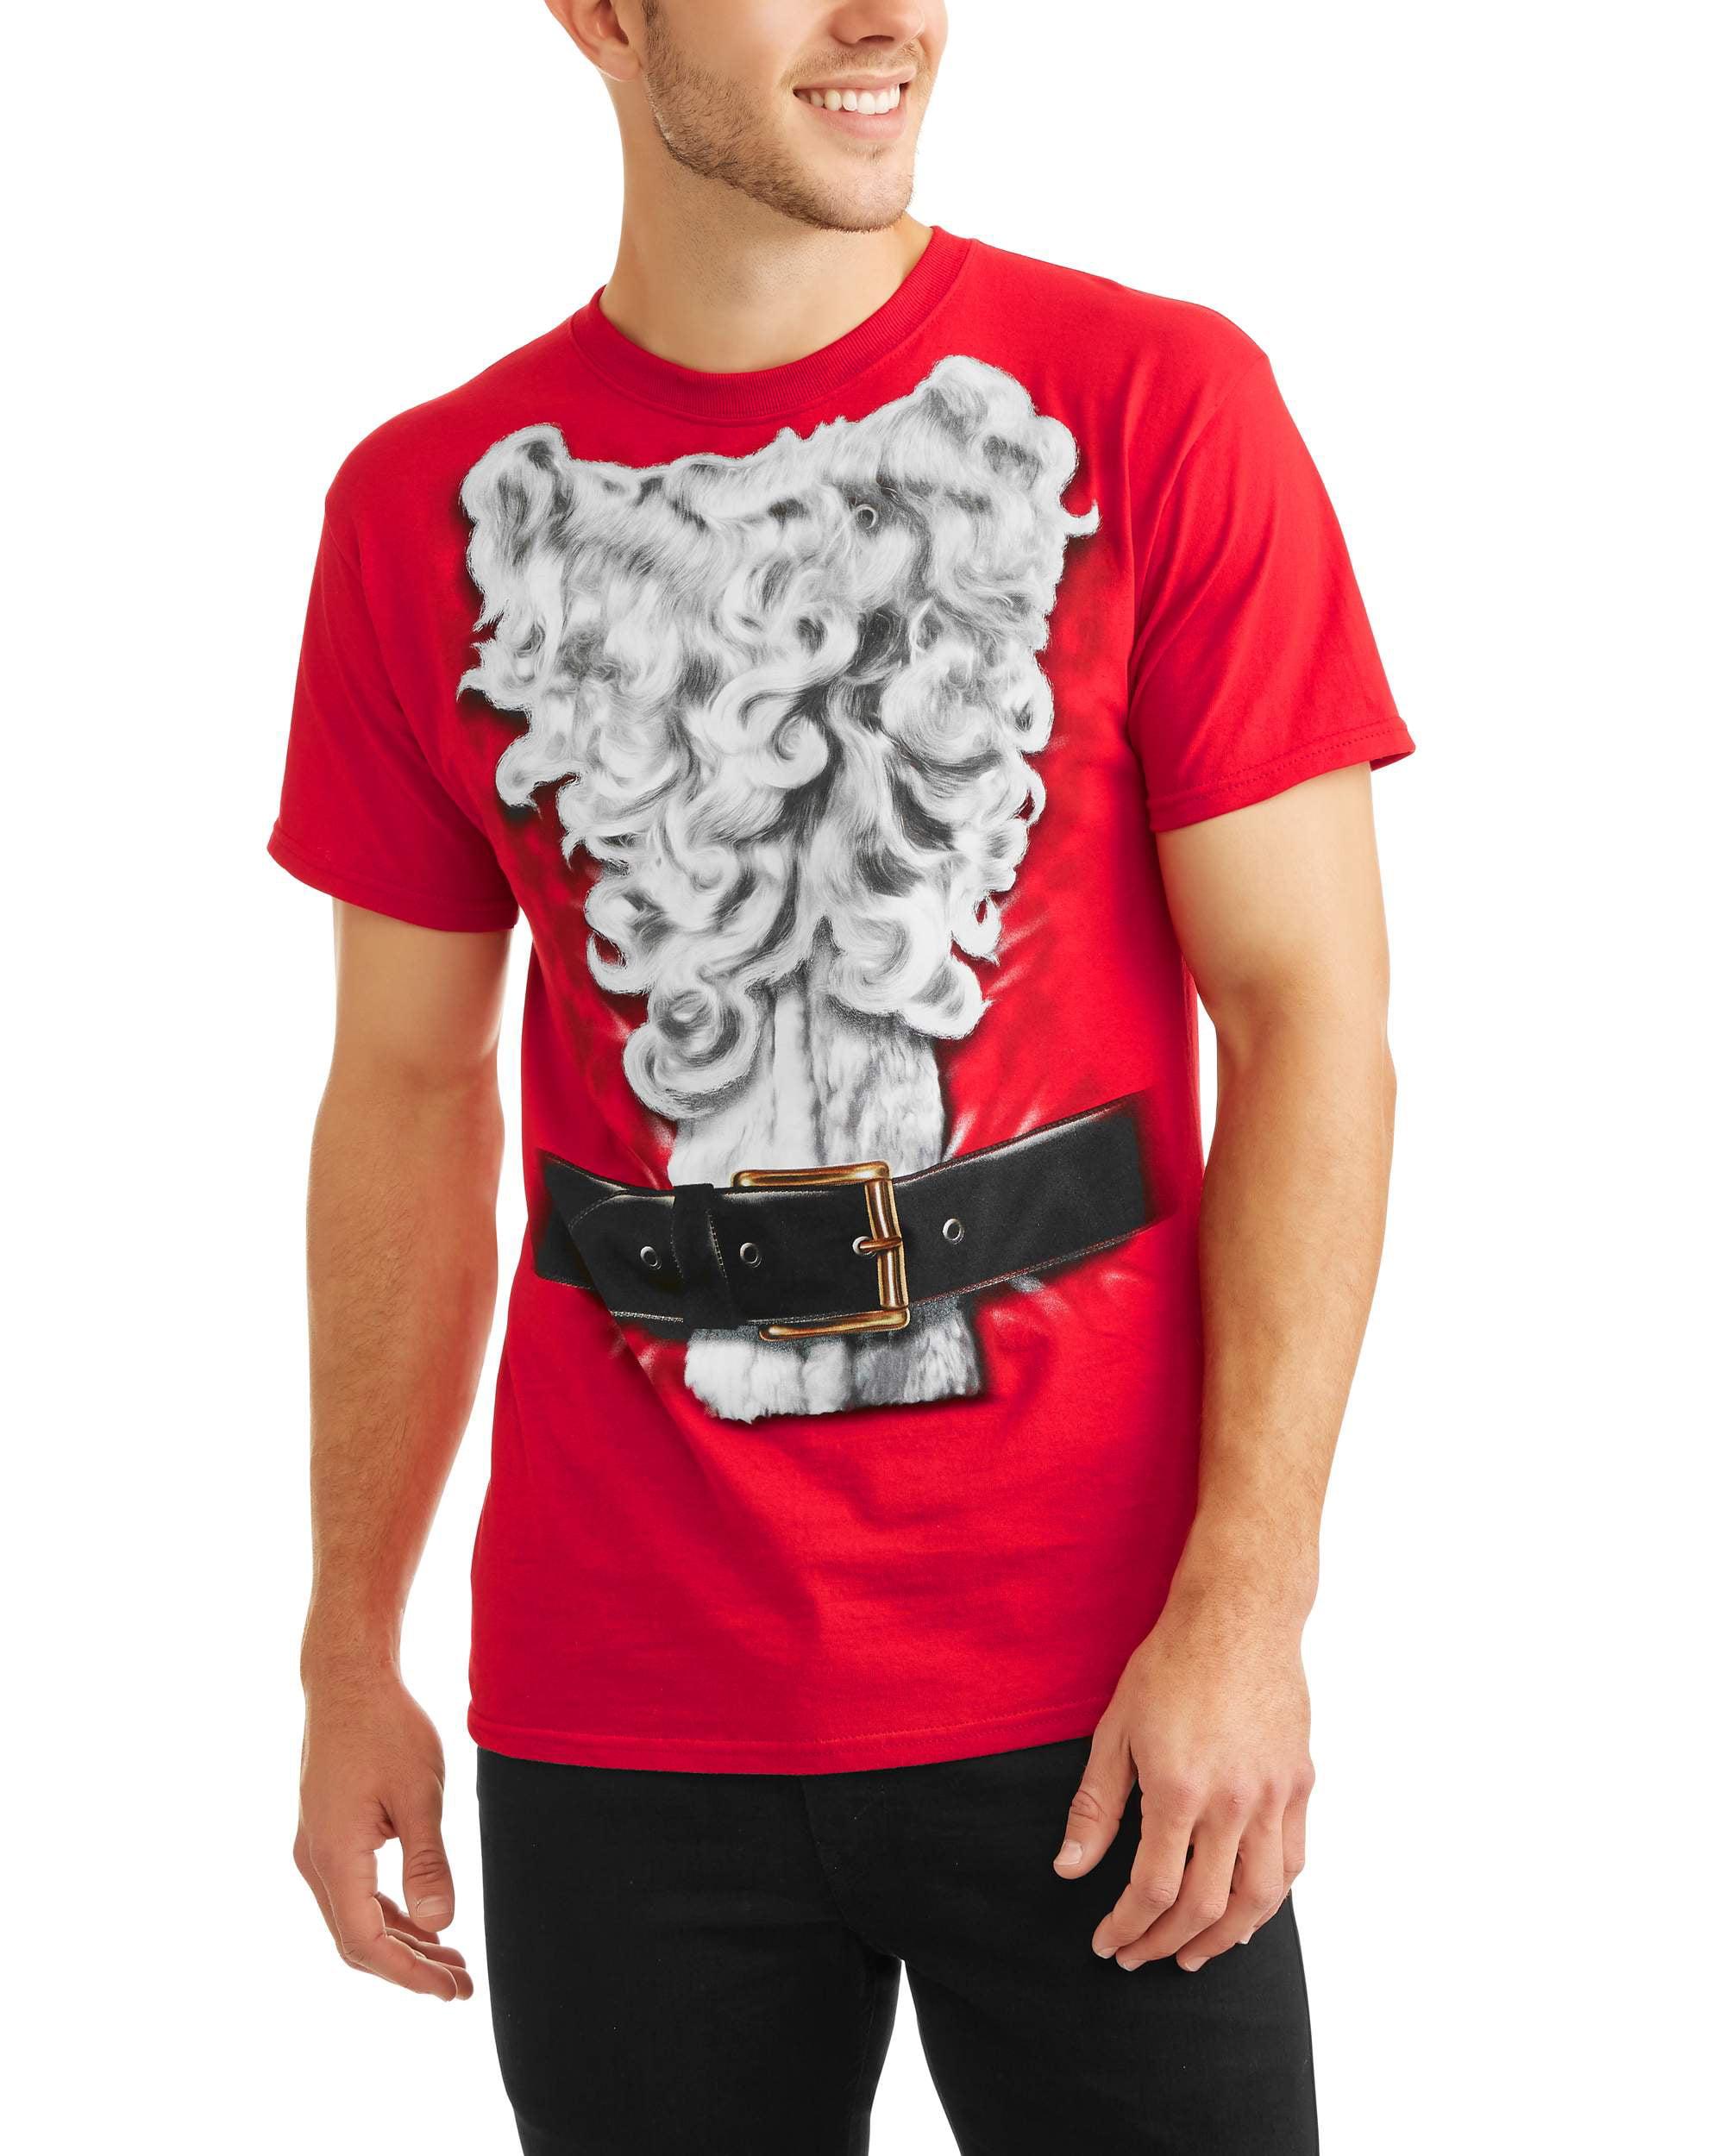 Santa Suit Men's Graphic T-Shirt